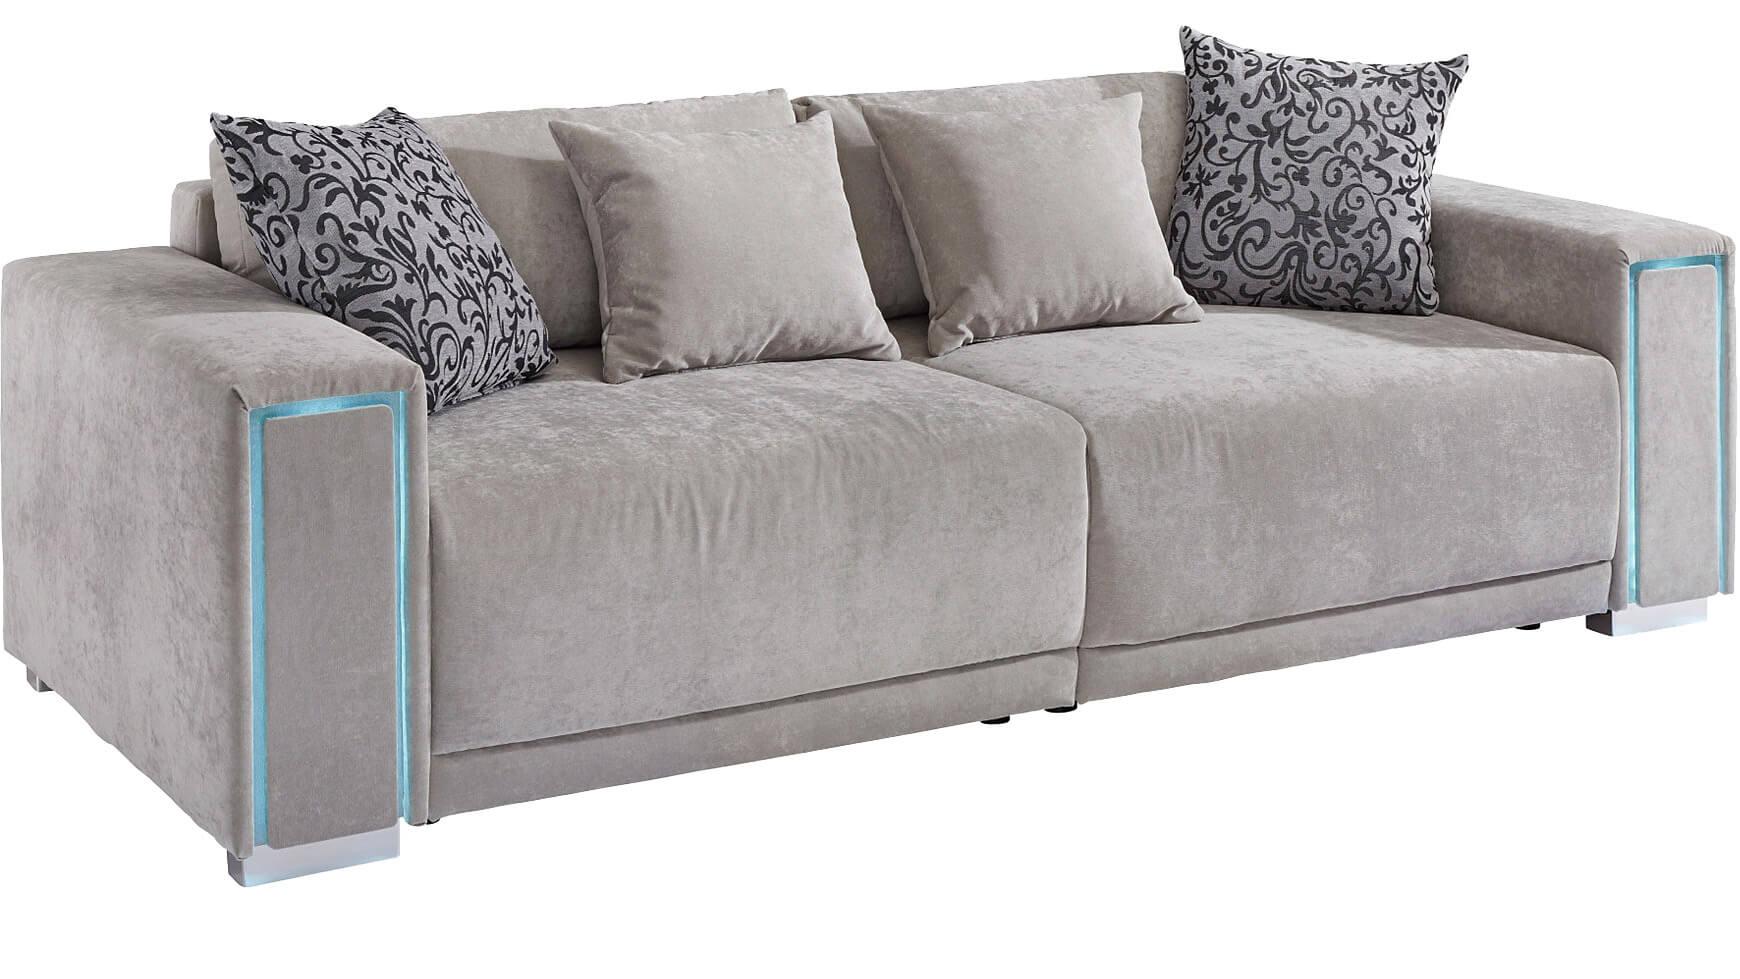 Full Size of Xxl Sofa Couch Extragroe Sofas Bestellen Bei Cnouchde Boxspring Mit Schlaffunktion Erpo Schlafzimmer Set Matratze Und Lattenrost Ektorp Bett 90x200 Esstisch Sofa Sofa Mit Schlaffunktion Federkern